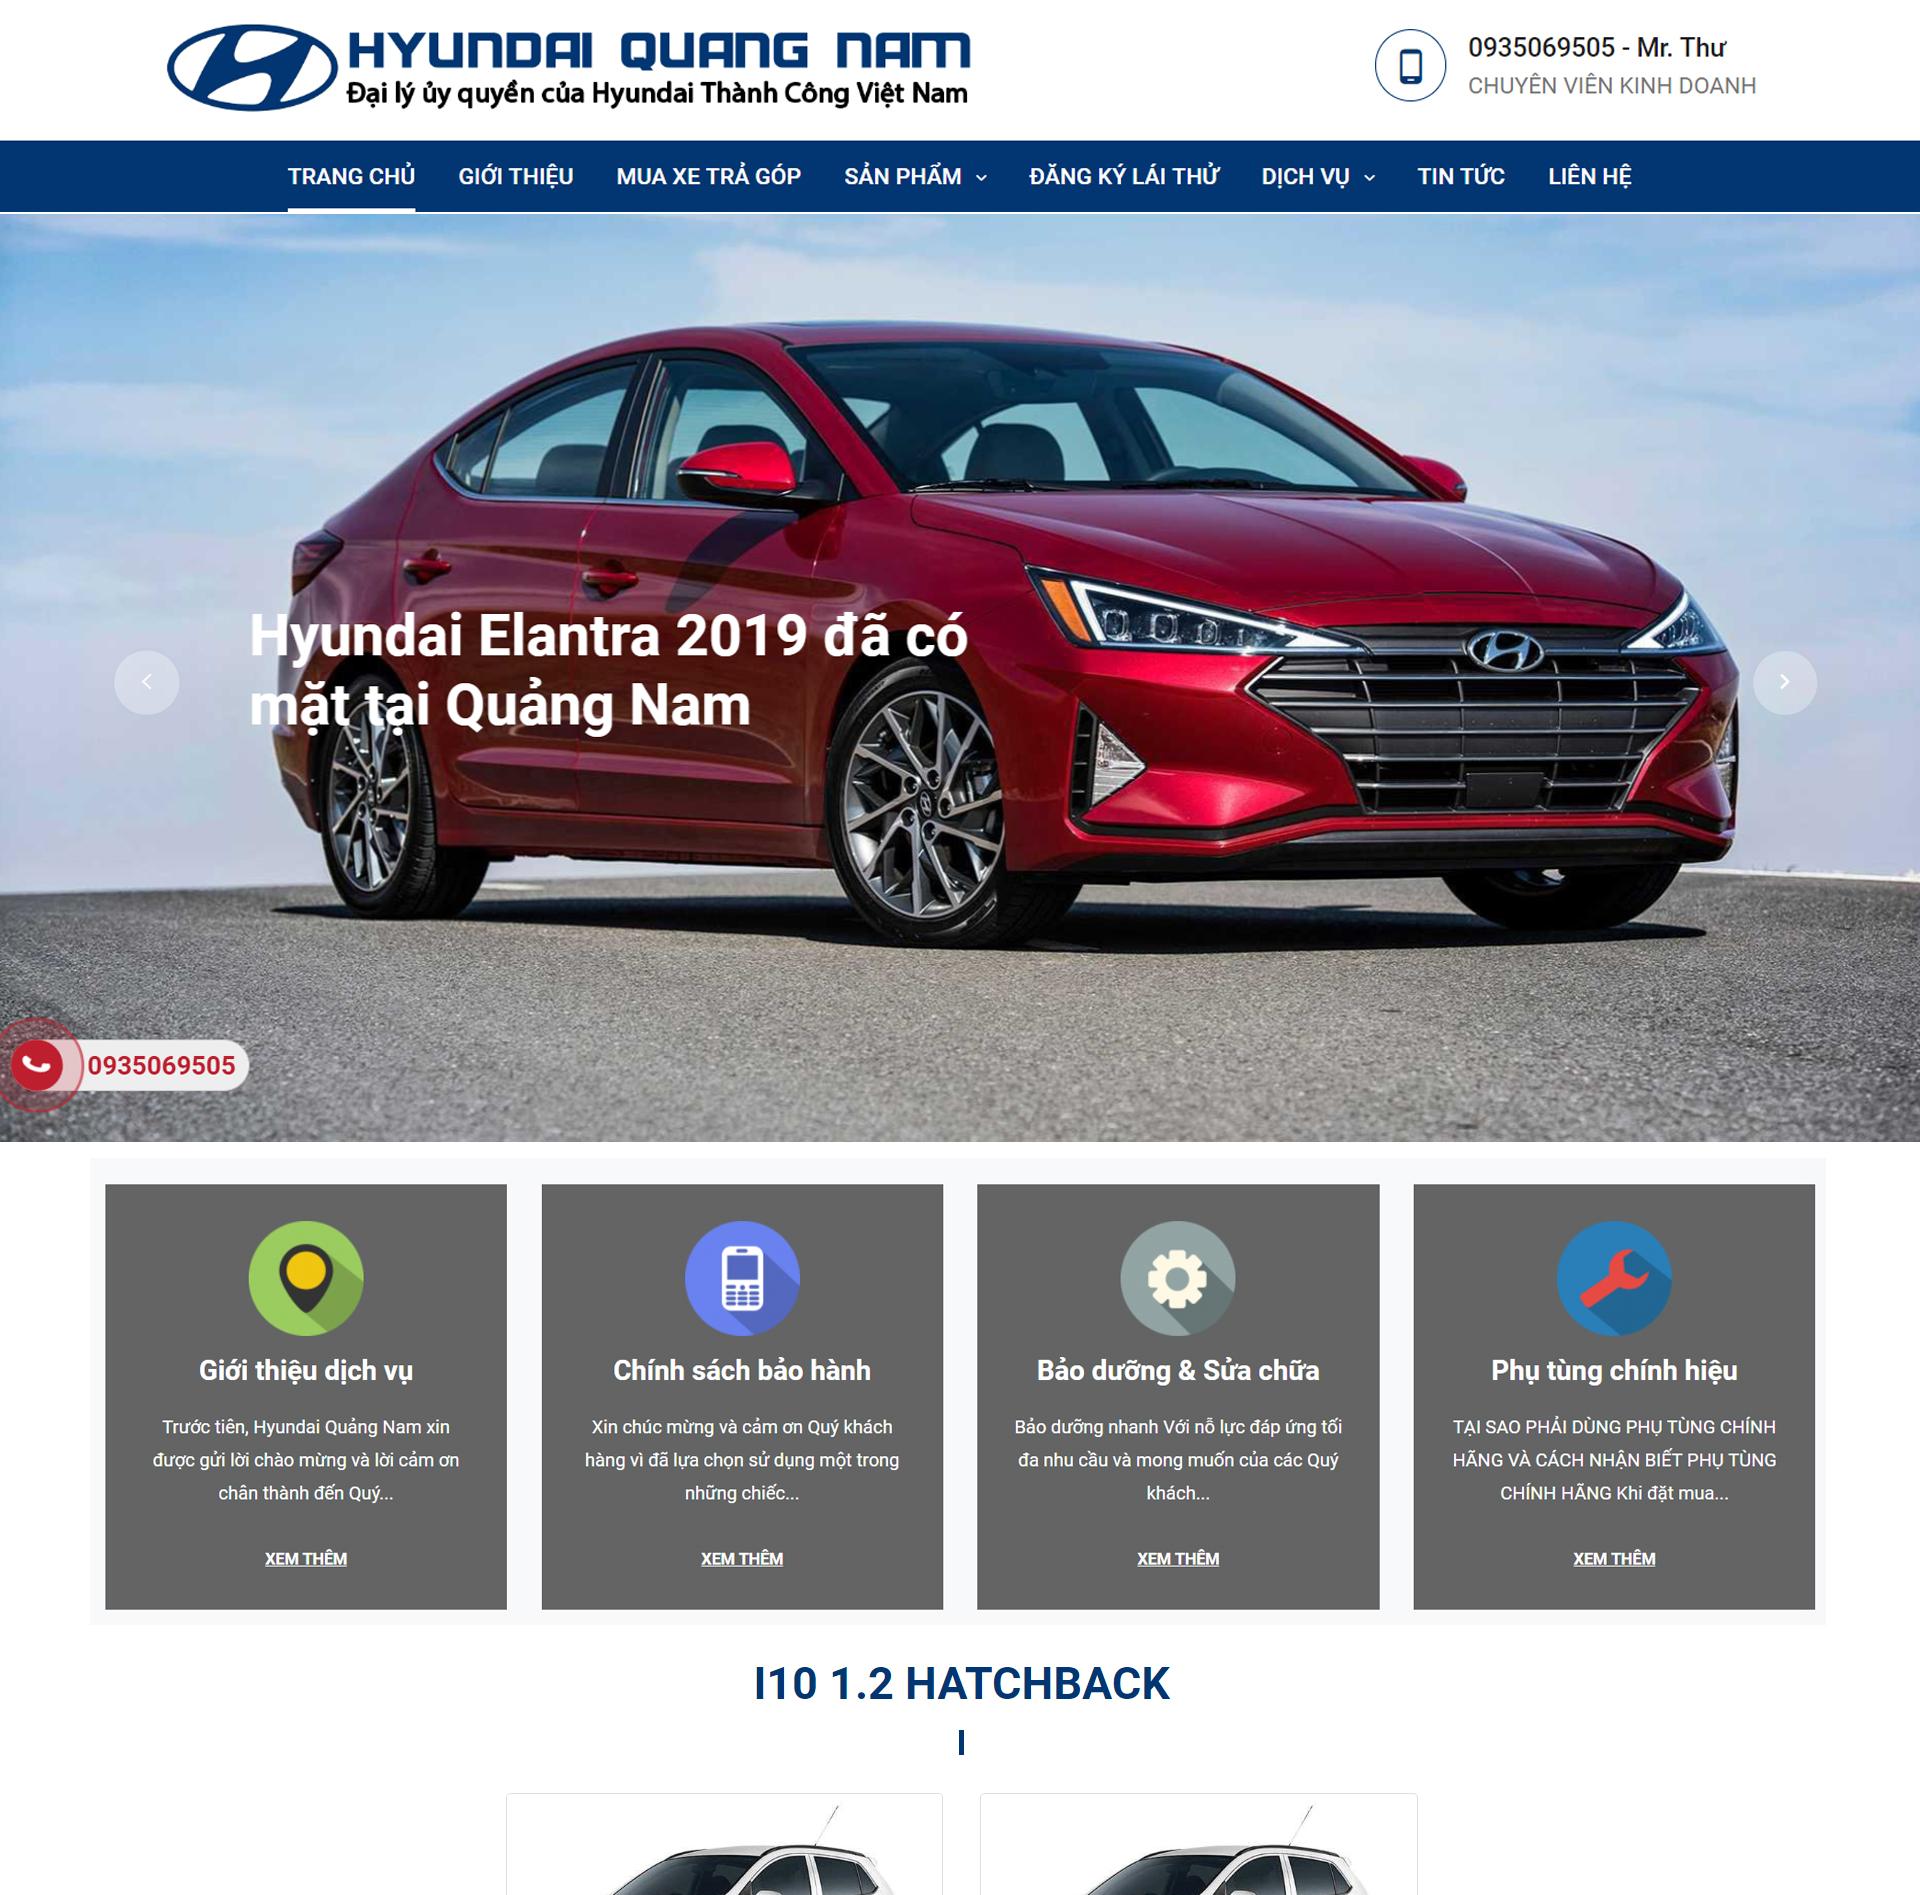 Đại lý Hyundai Quảng Nam